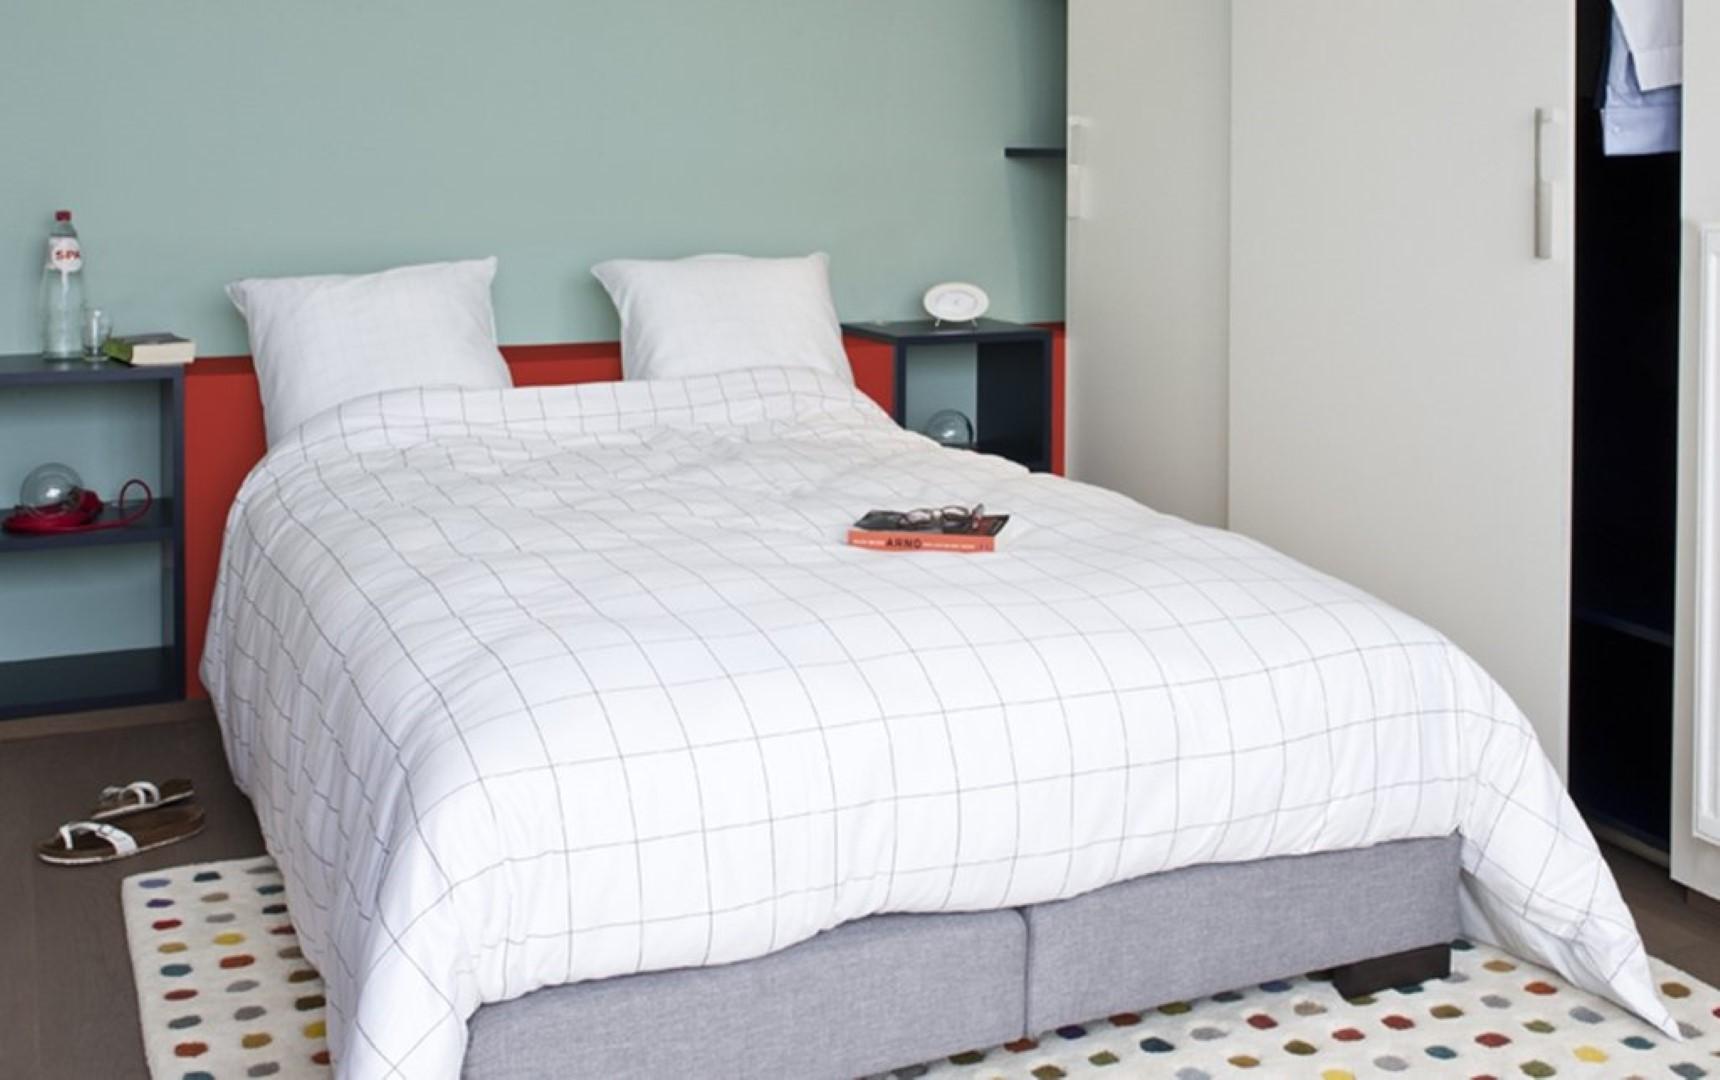 Paars idee slaapkamer - Kamer kleur idee ...